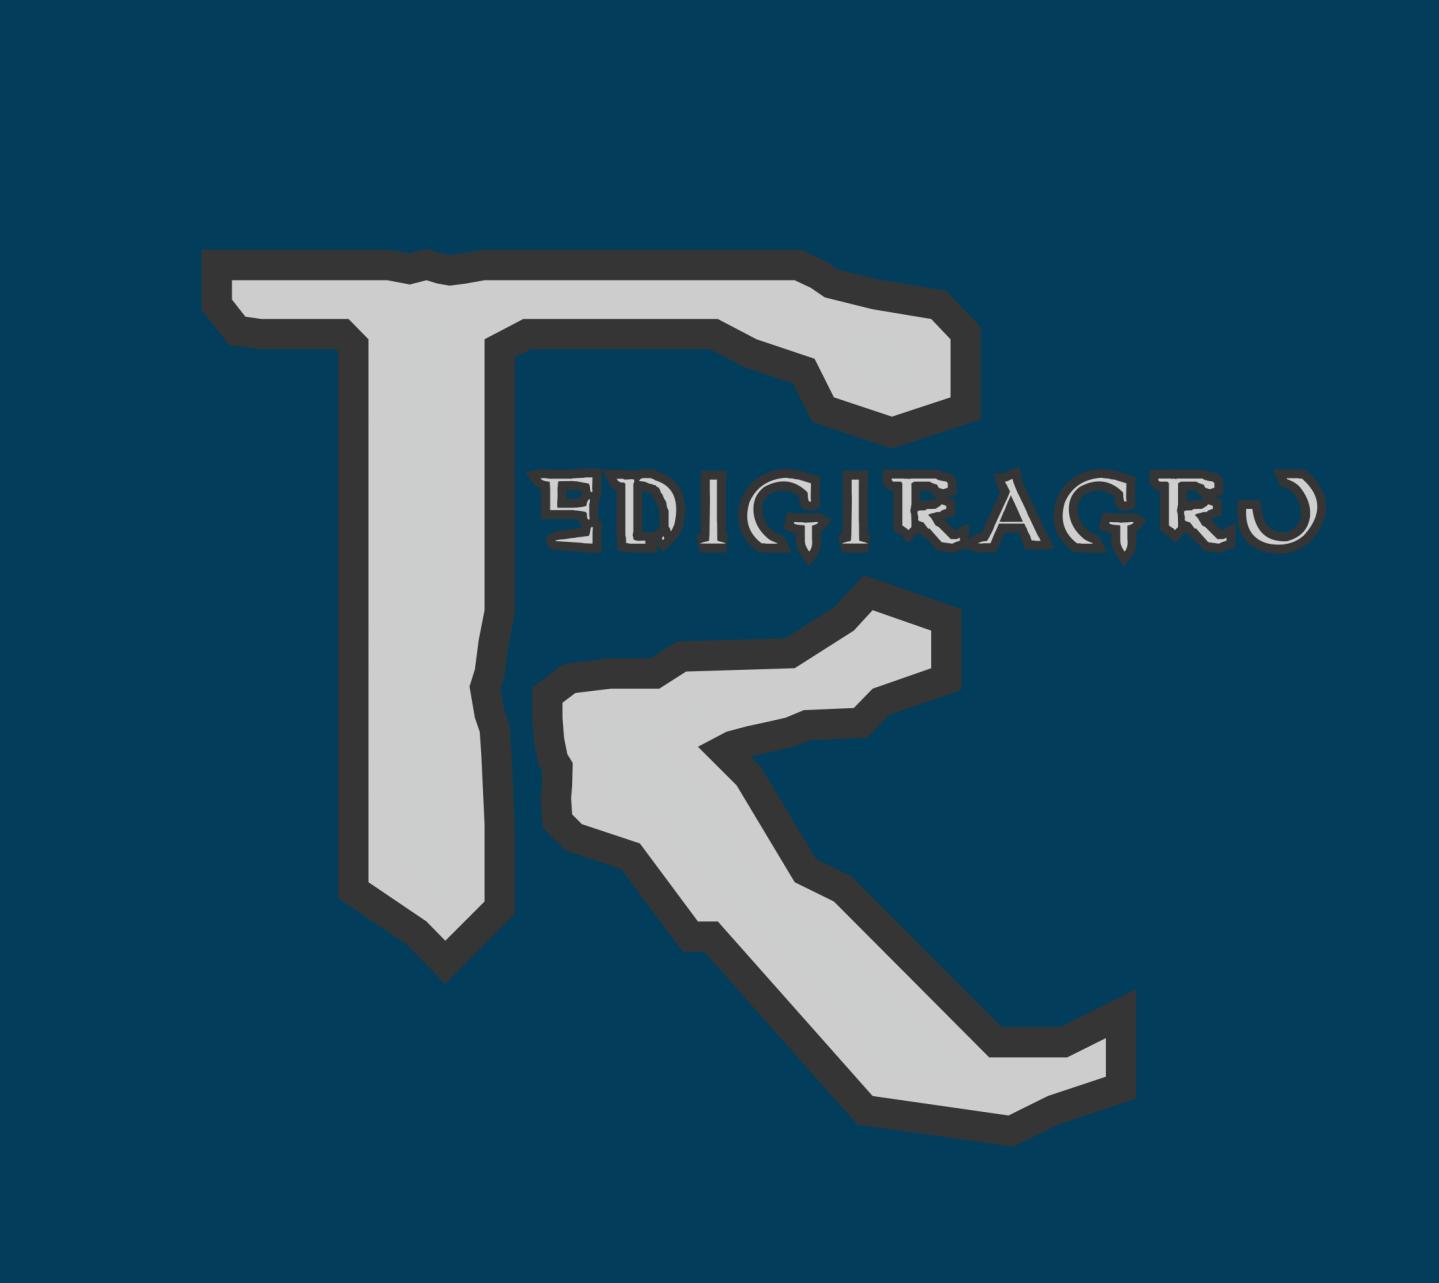 Redigiragro